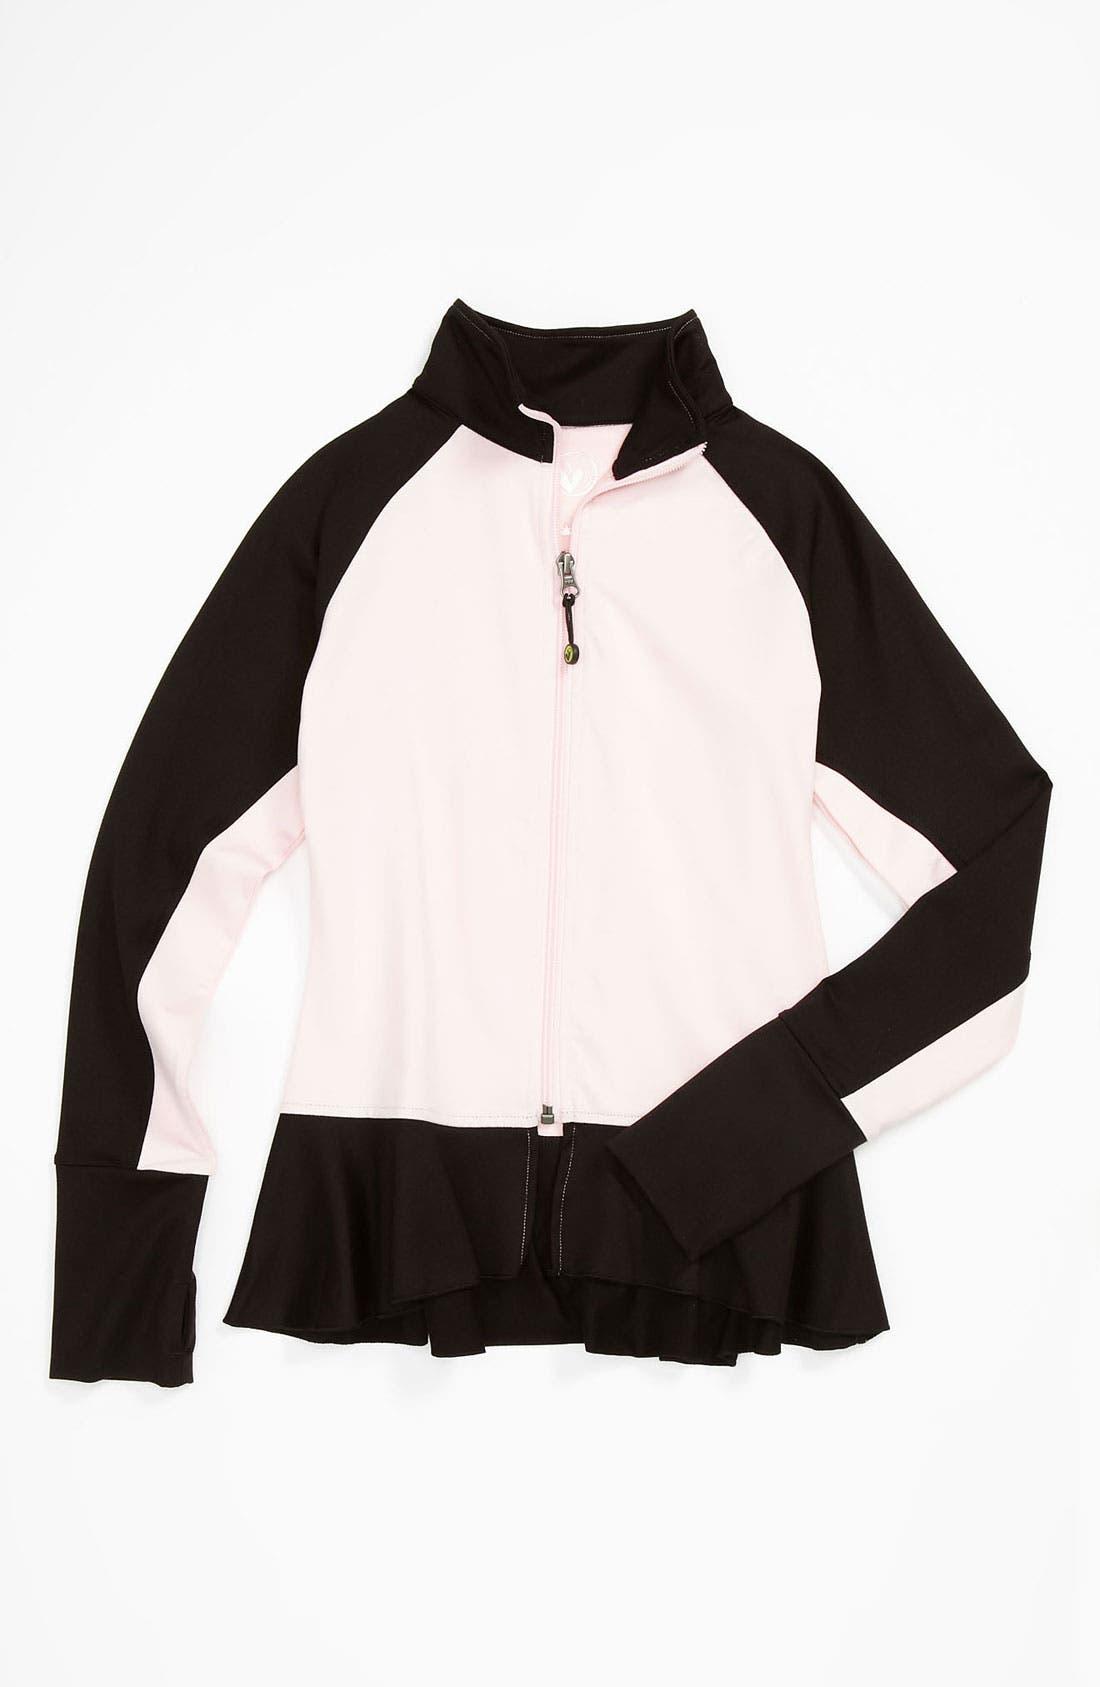 Alternate Image 1 Selected - Limeapple Ruffle Jacket (Big Girls)